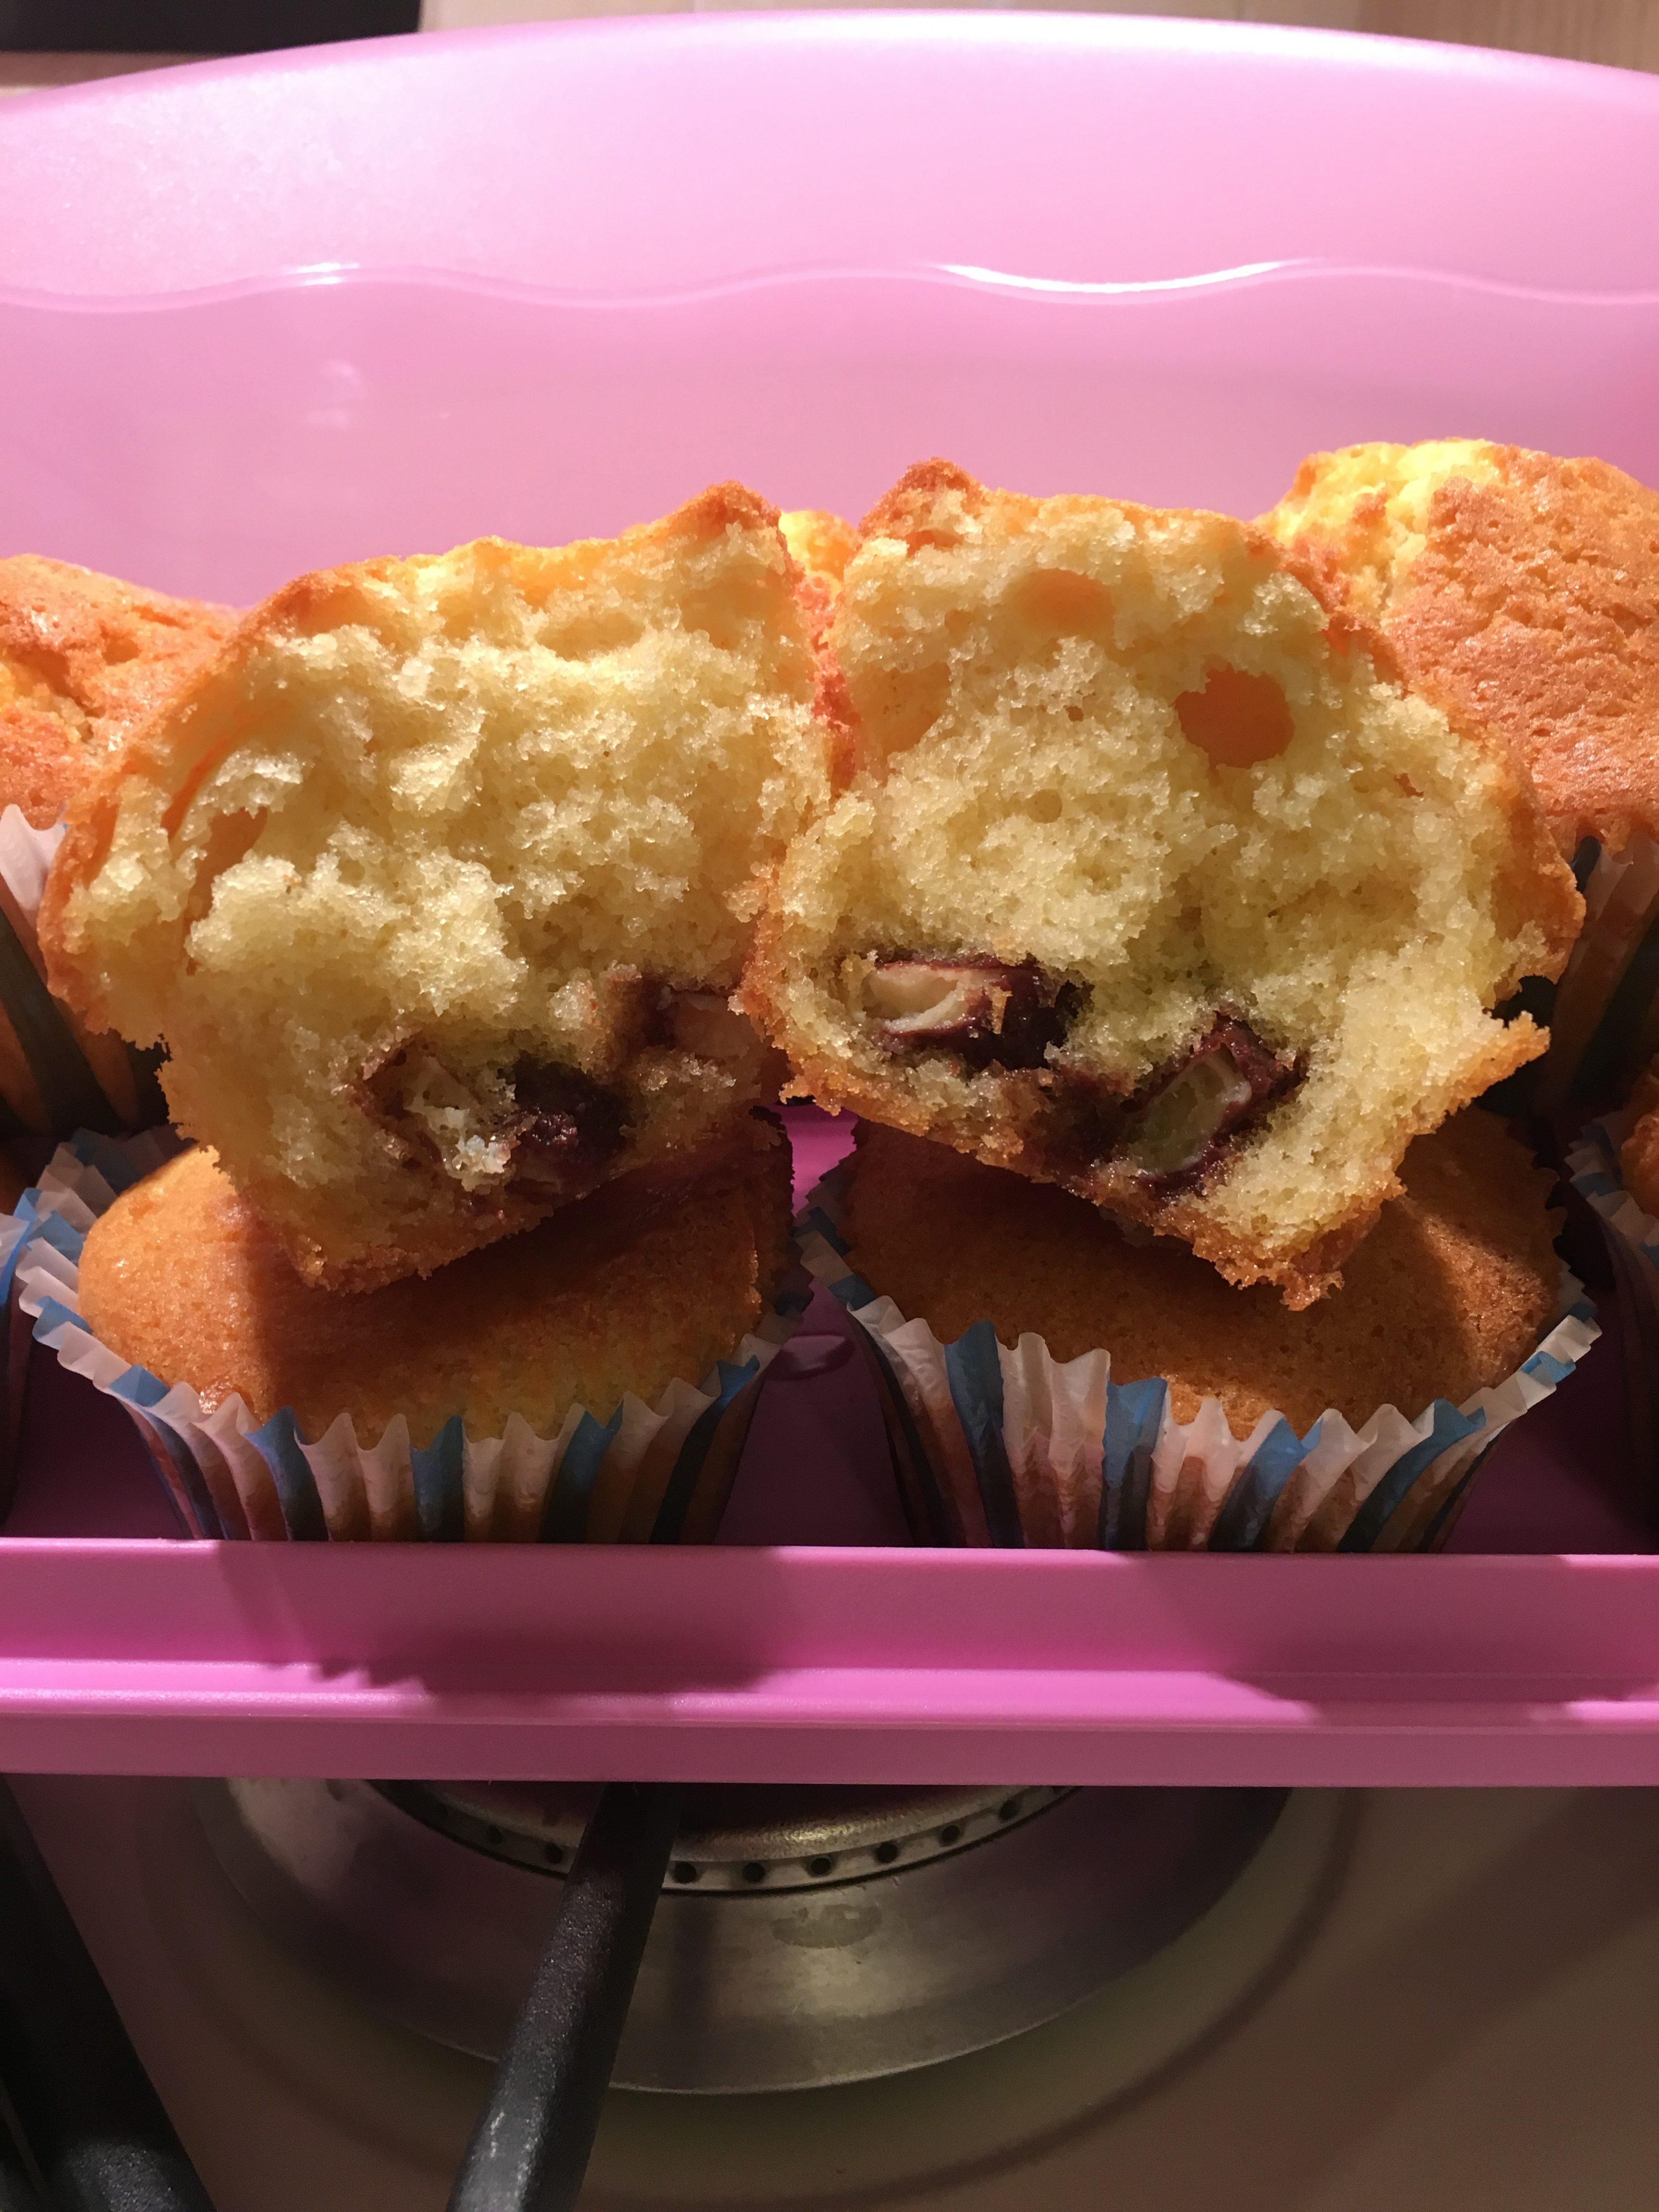 Kinder muffin